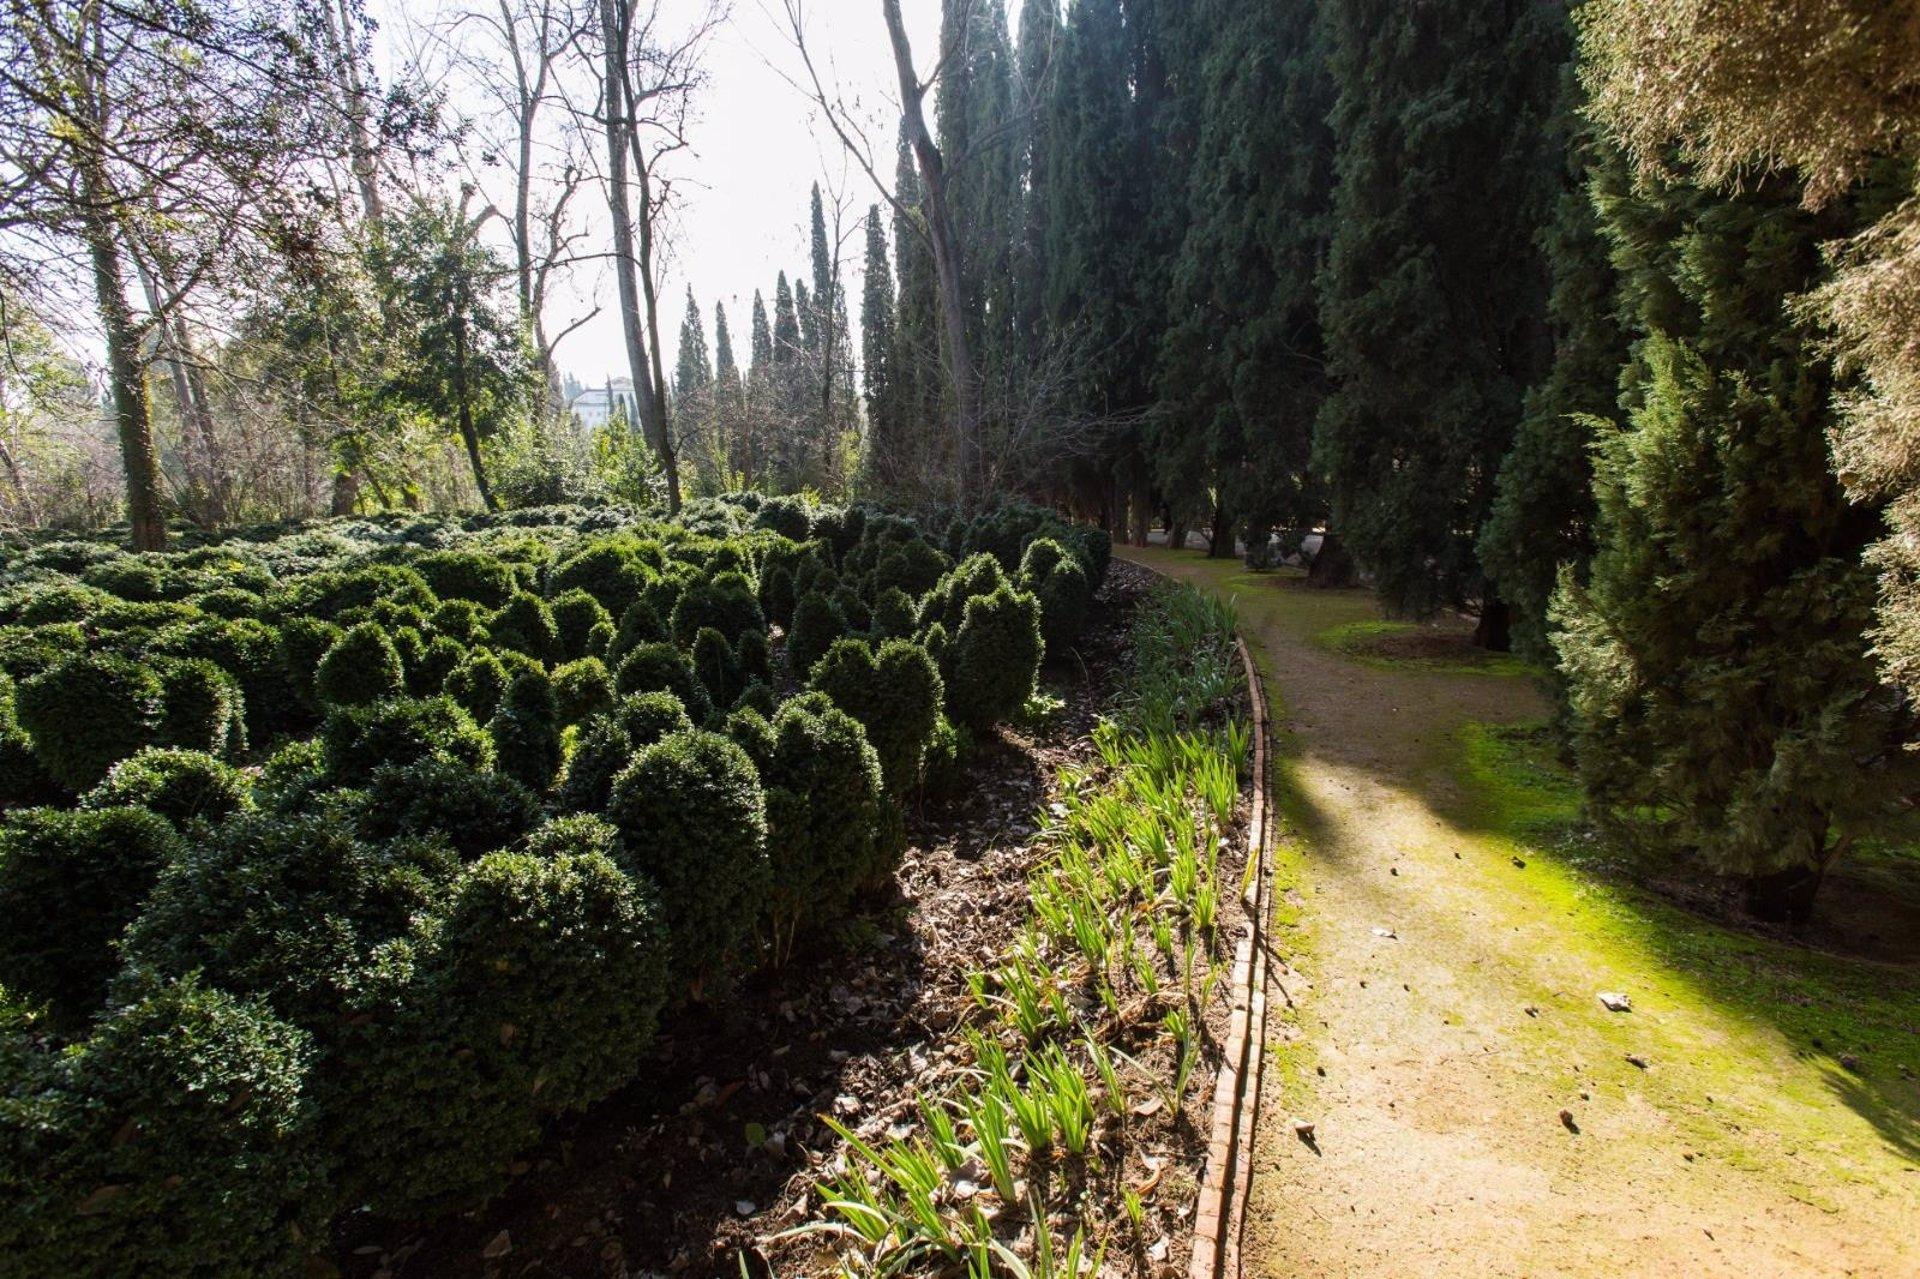 La Alhambra amplía sus recursos digitales para dar a conocer sus torres y jardines